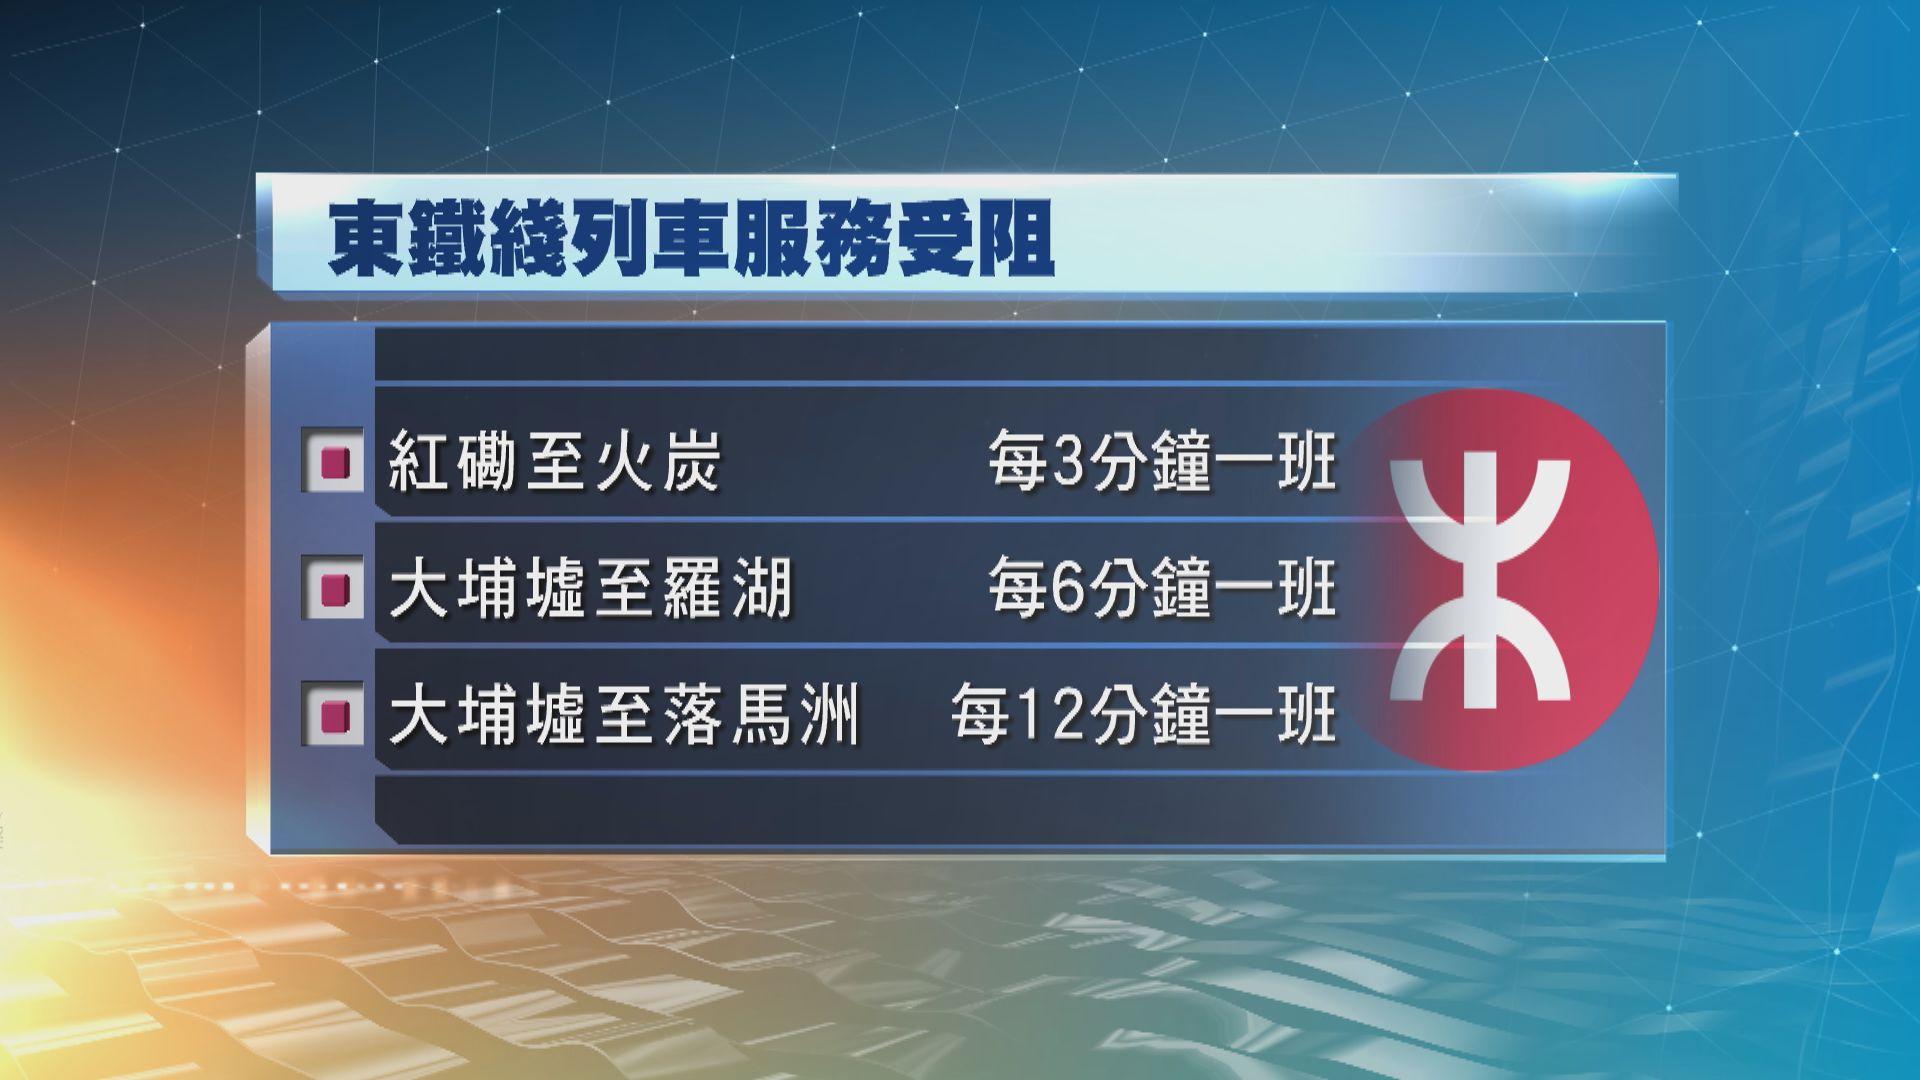 【港鐵事故】東鐵綫最新車務安排